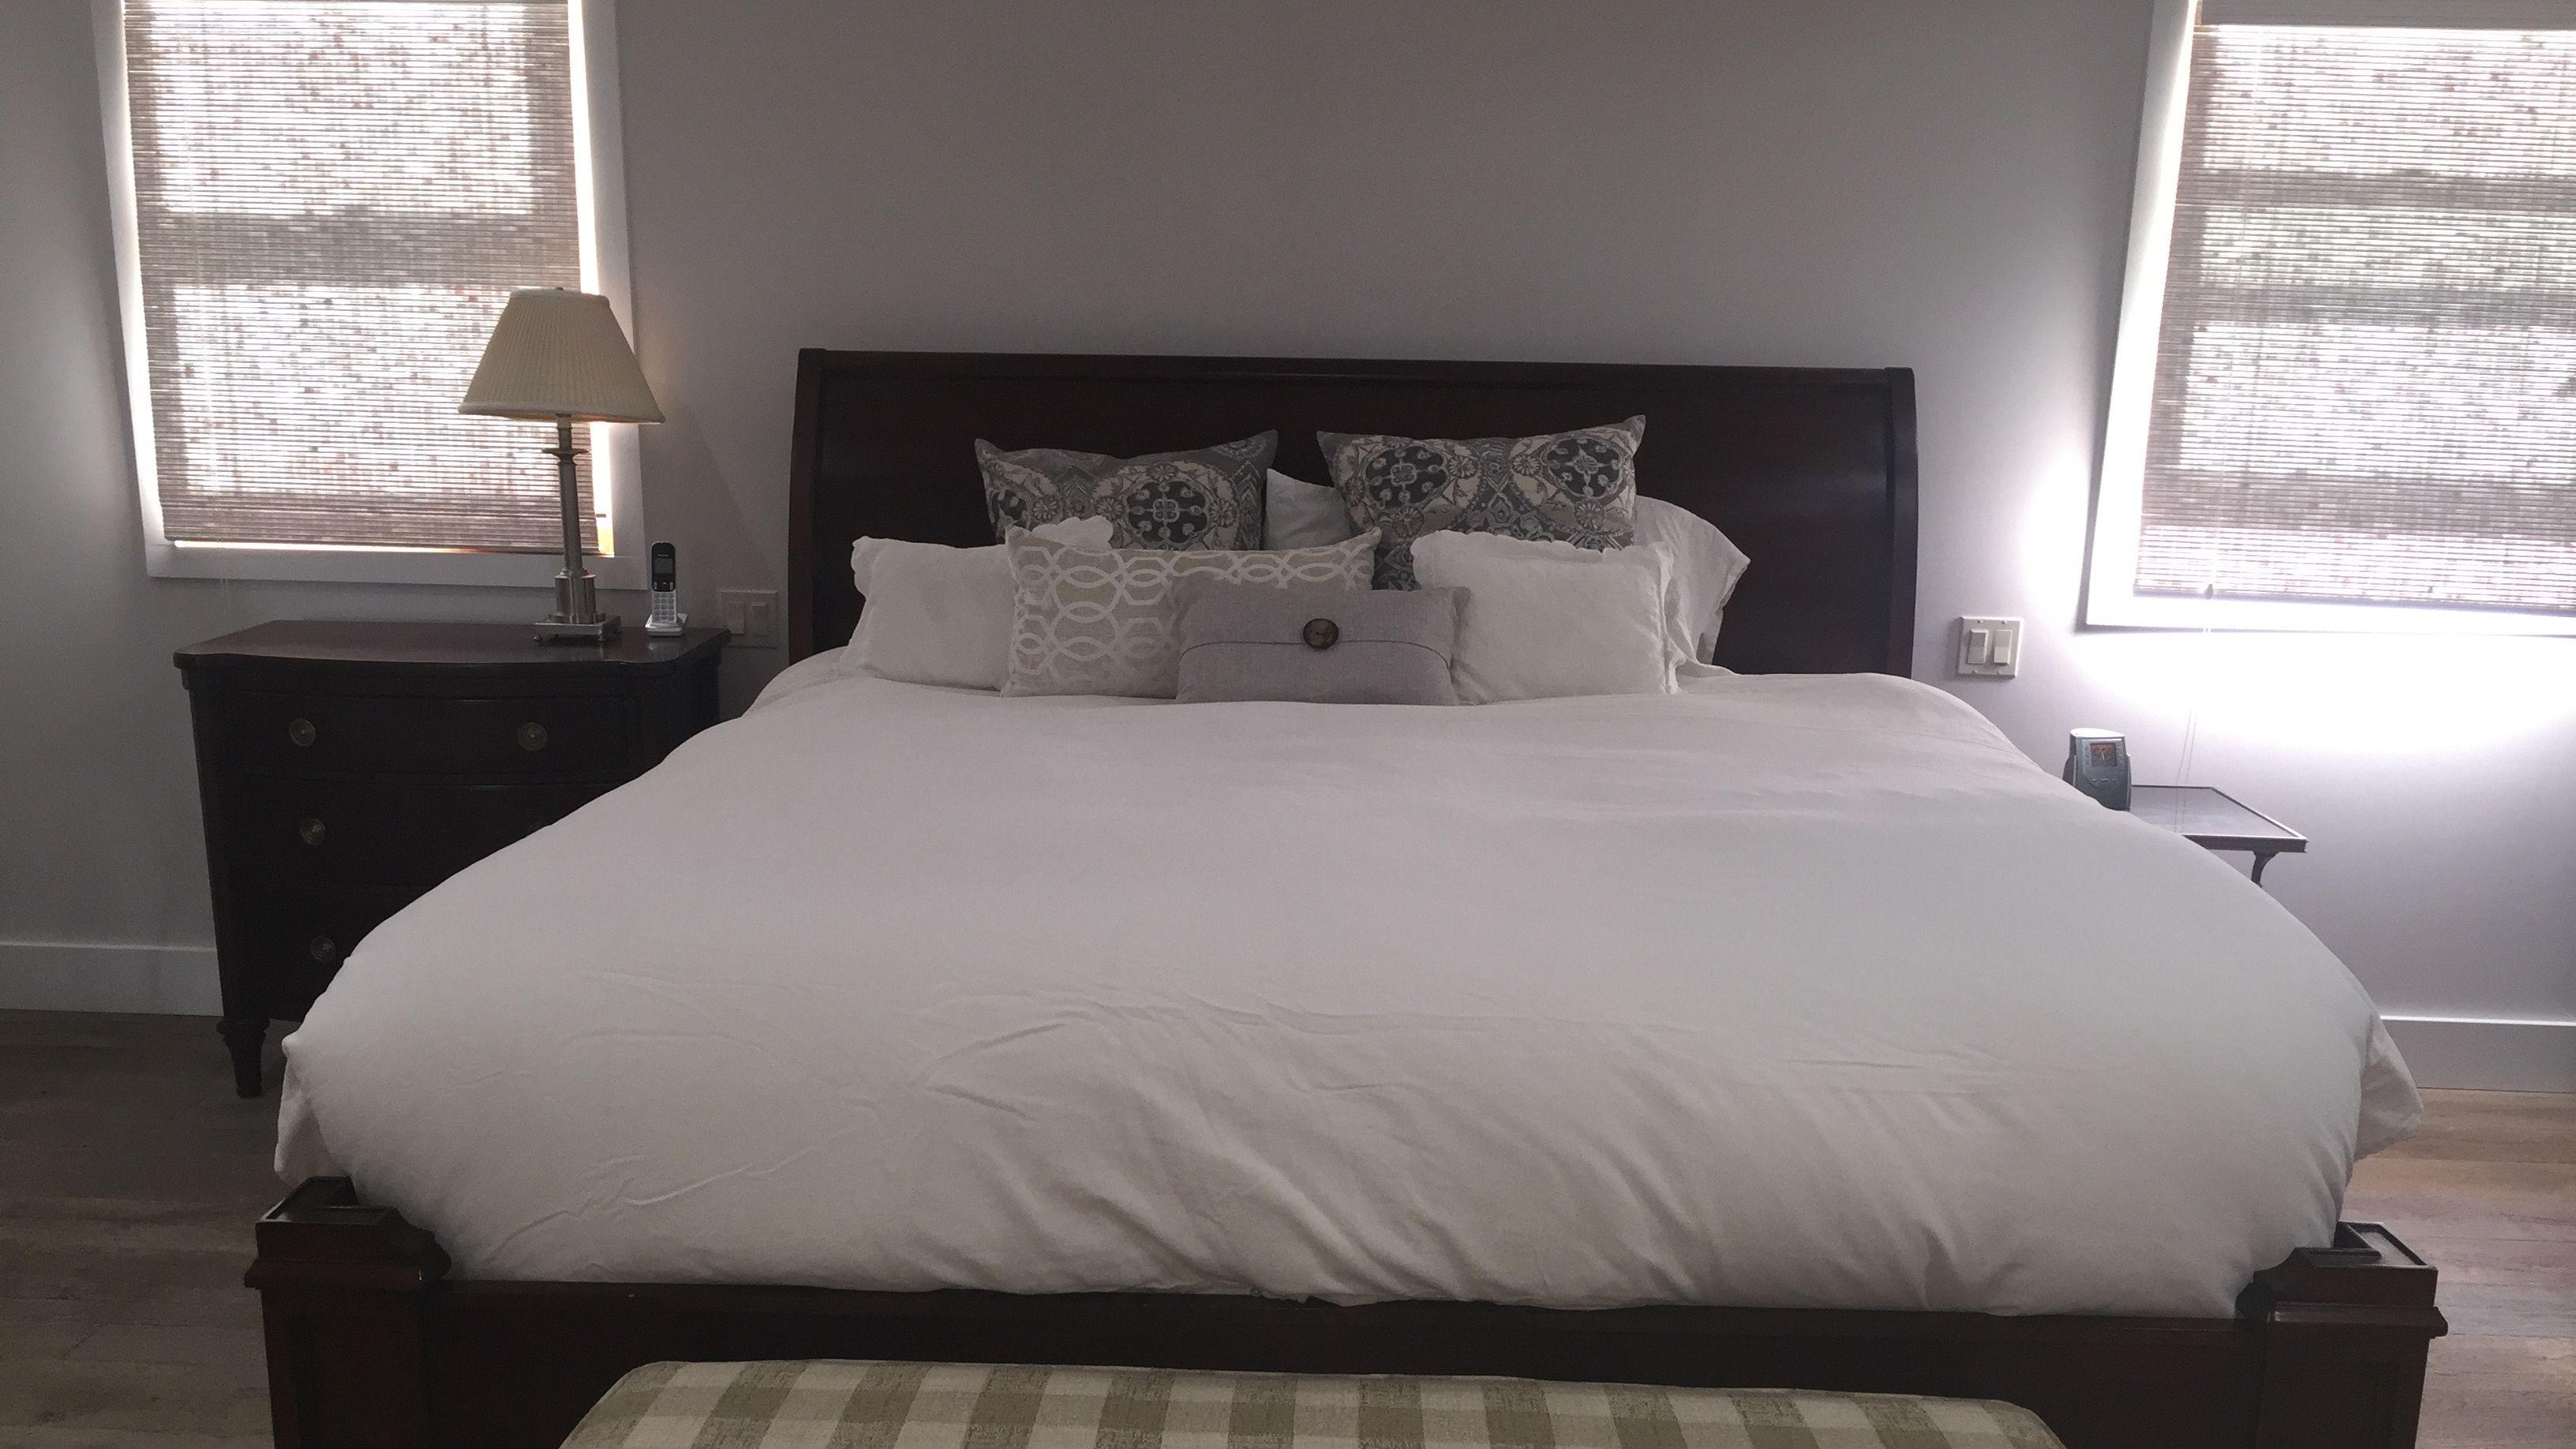 Martha Stewart By Bernhardt Bedroom Set Apartment Therapy S Bazaar